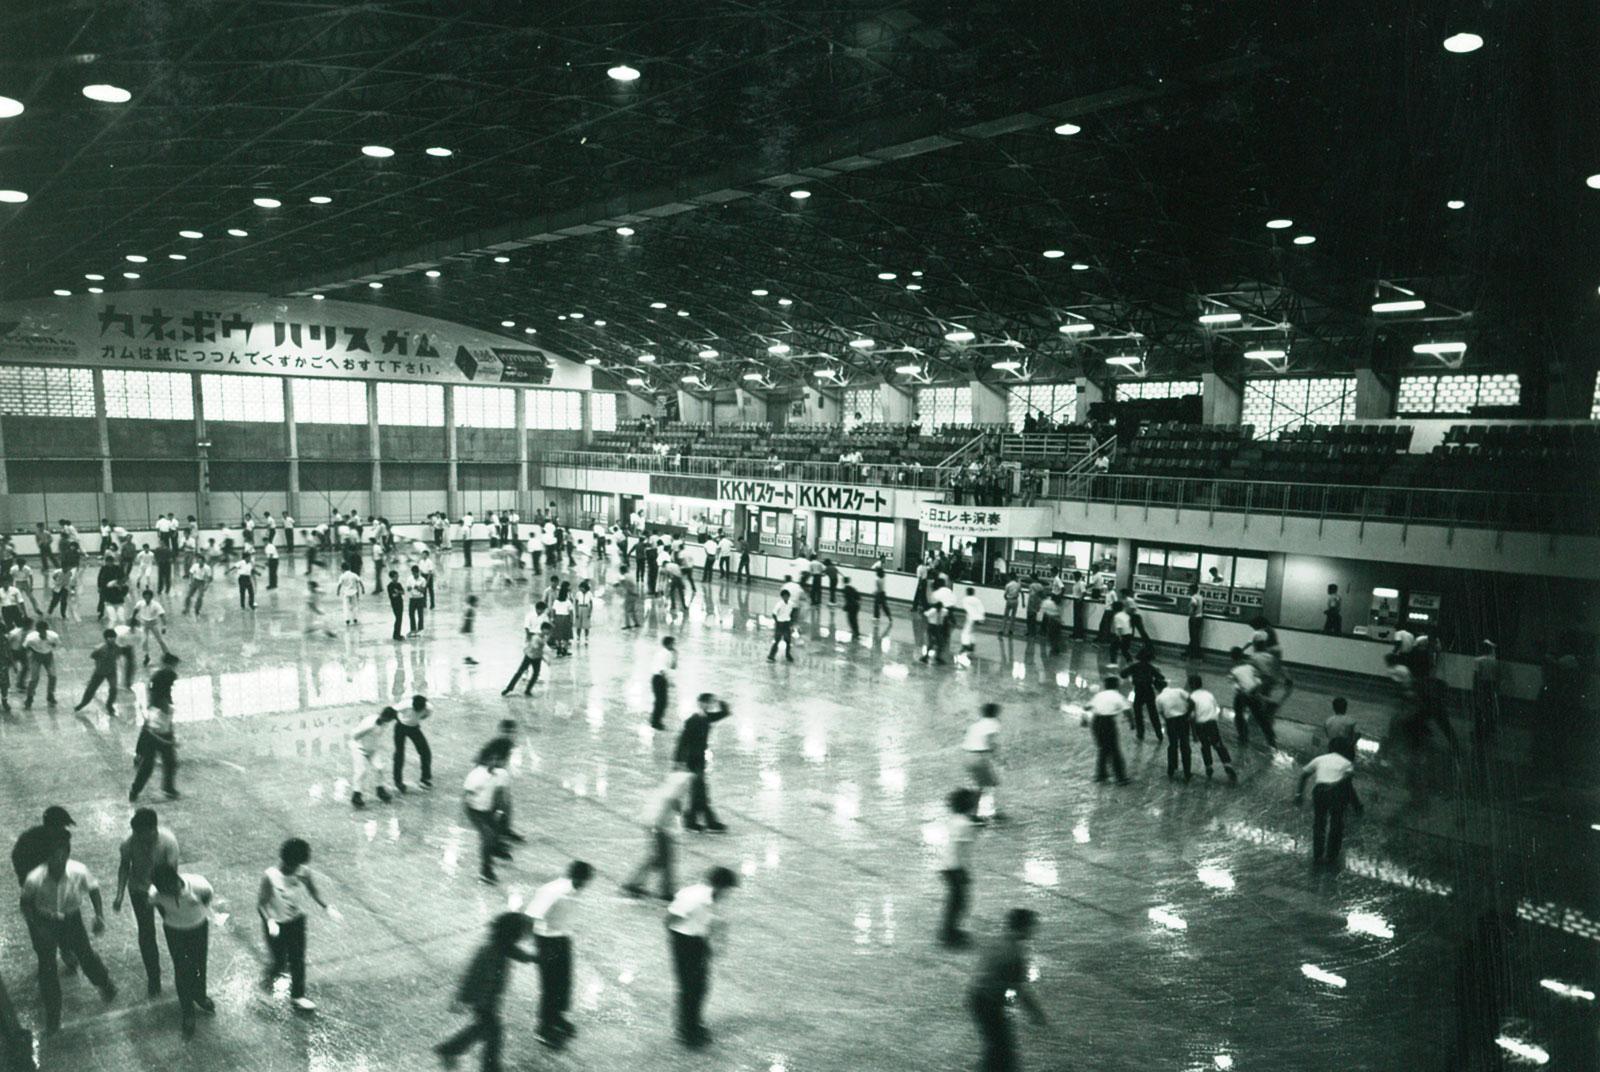 当時、スケートを楽しむ人々の様子 資料提供先・所蔵先 東急レクリエーション